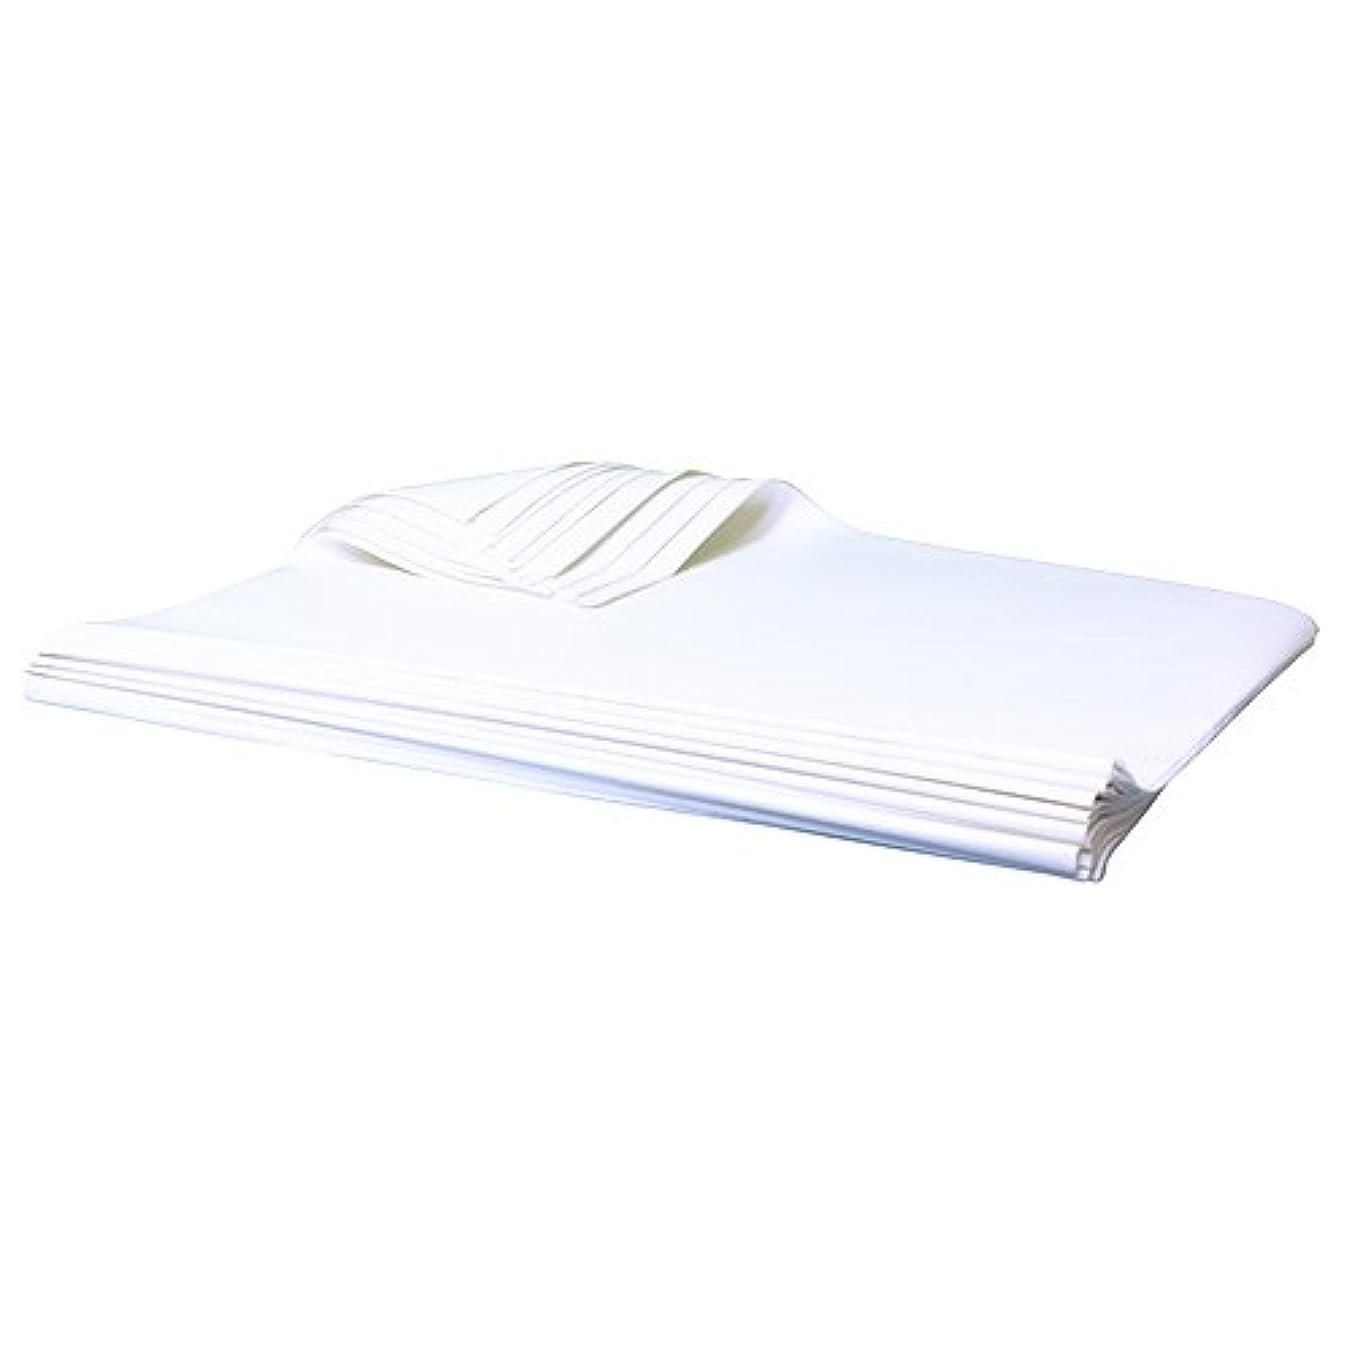 Makro Paper WT500?–?Tissue Paper, Ream 500?Sheets, 50?x 76?cm, White